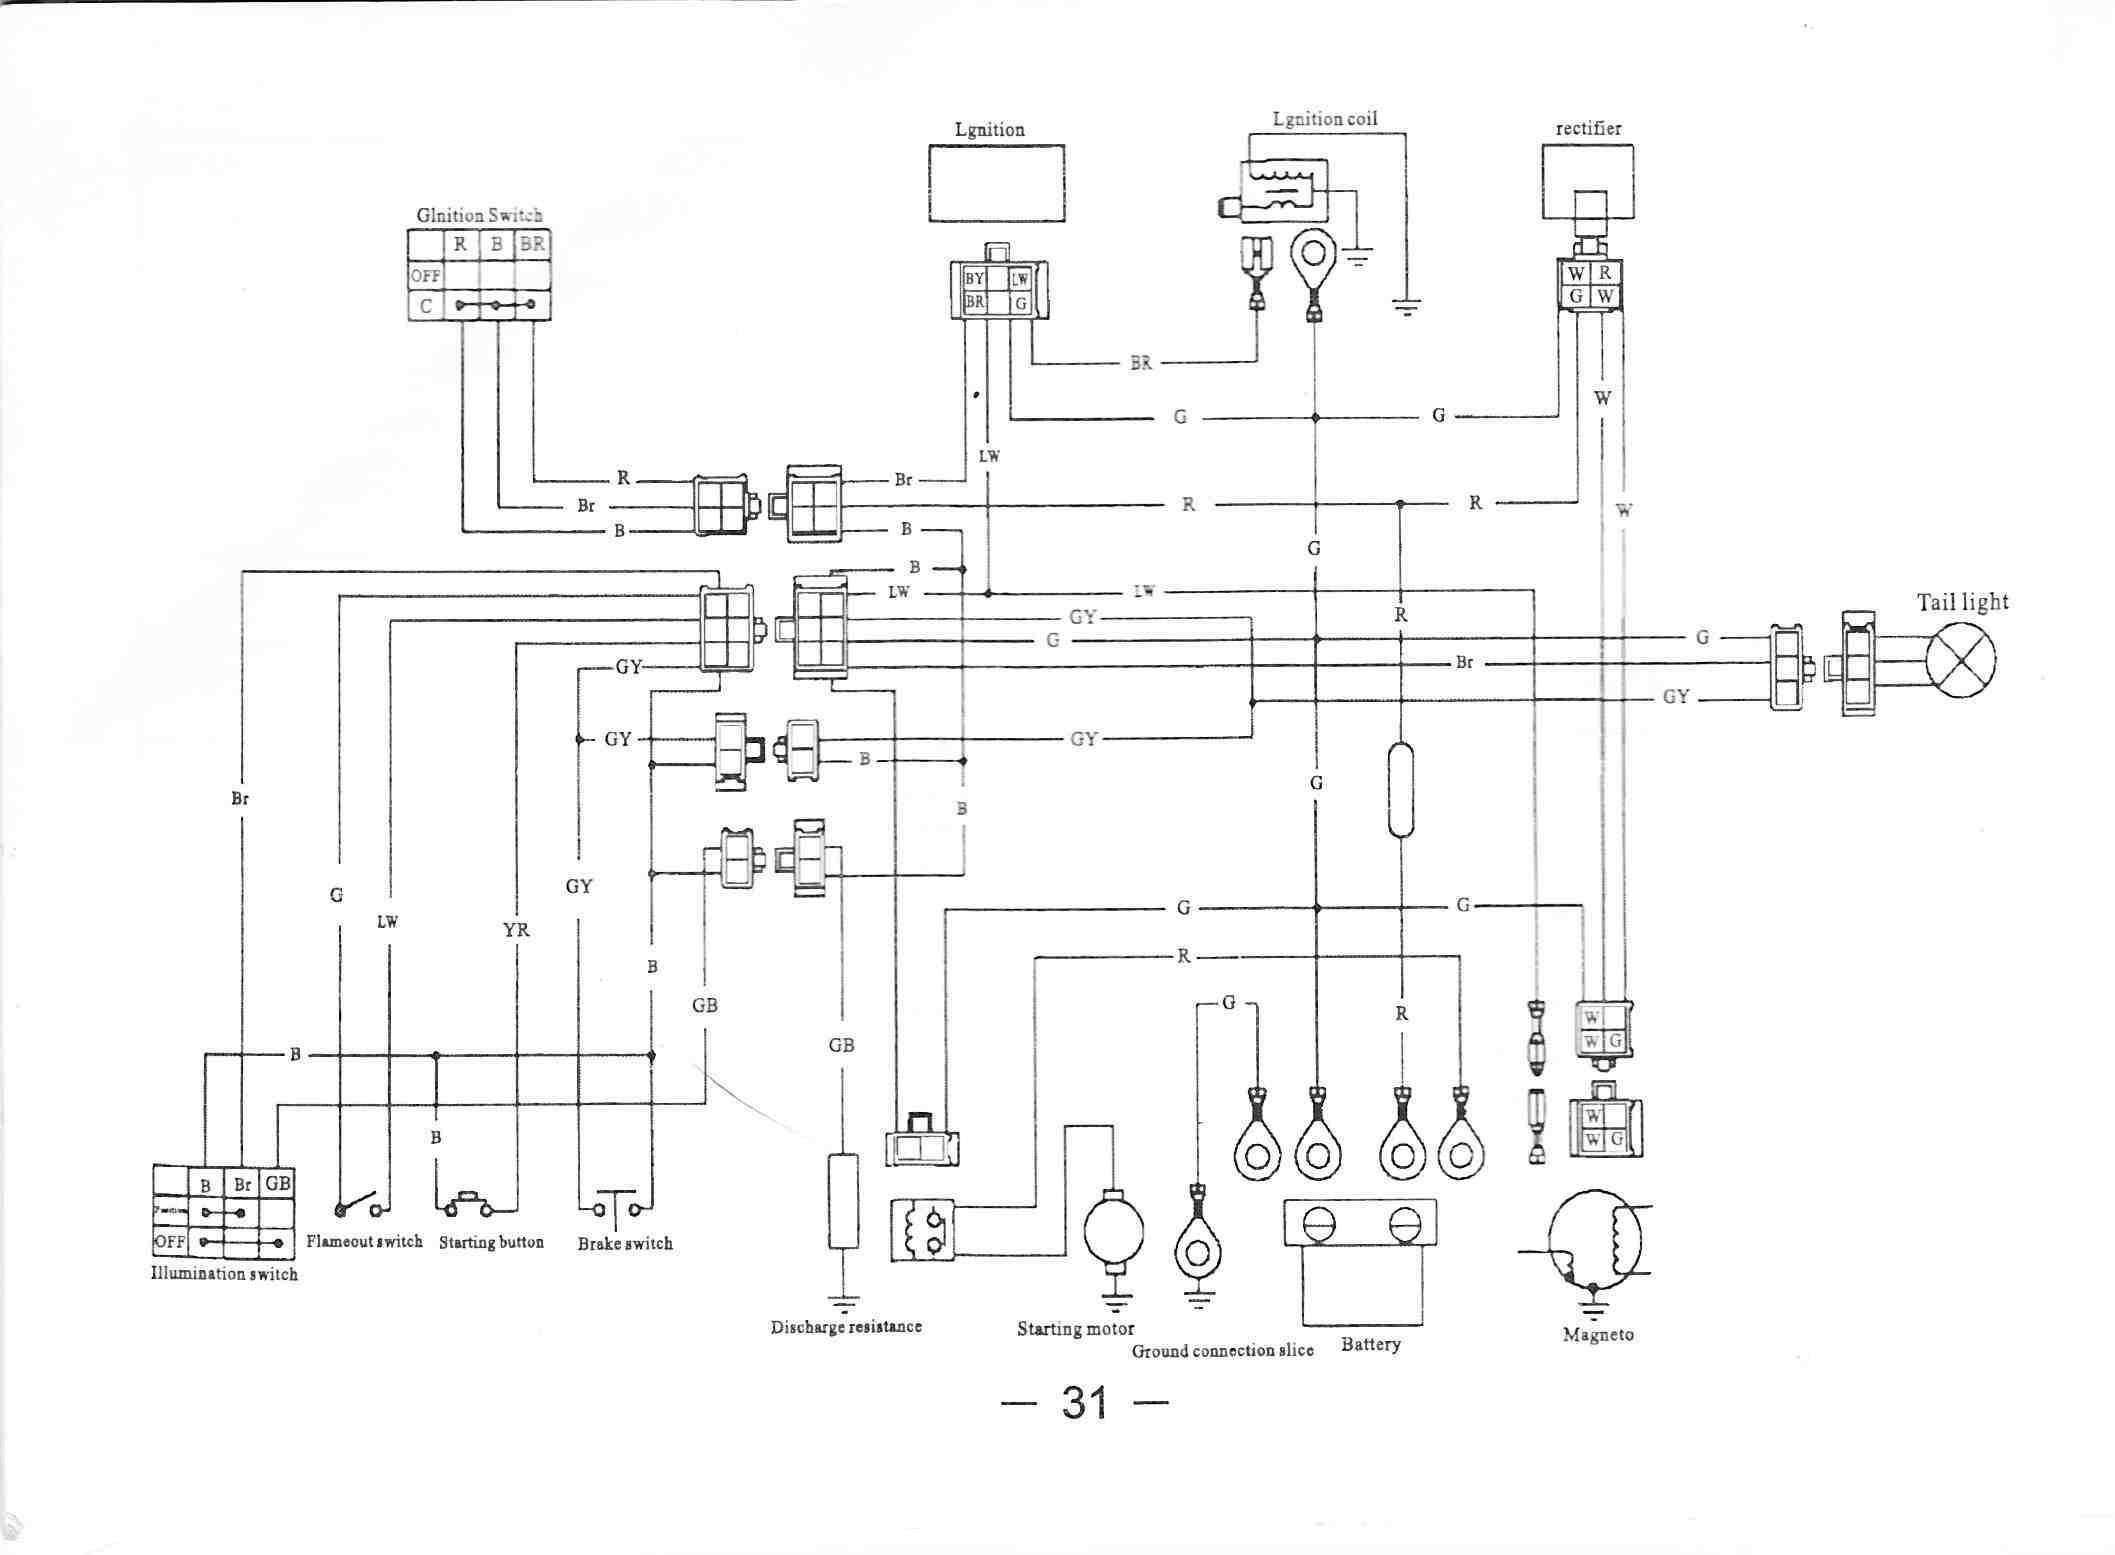 timberwolf 250 atv wiring diagram wiring diagram writetimberwolf atv wiring diagrams for electronic schematics collections 110cc four wheeler wiring diagram timberwolf 250 atv wiring diagram